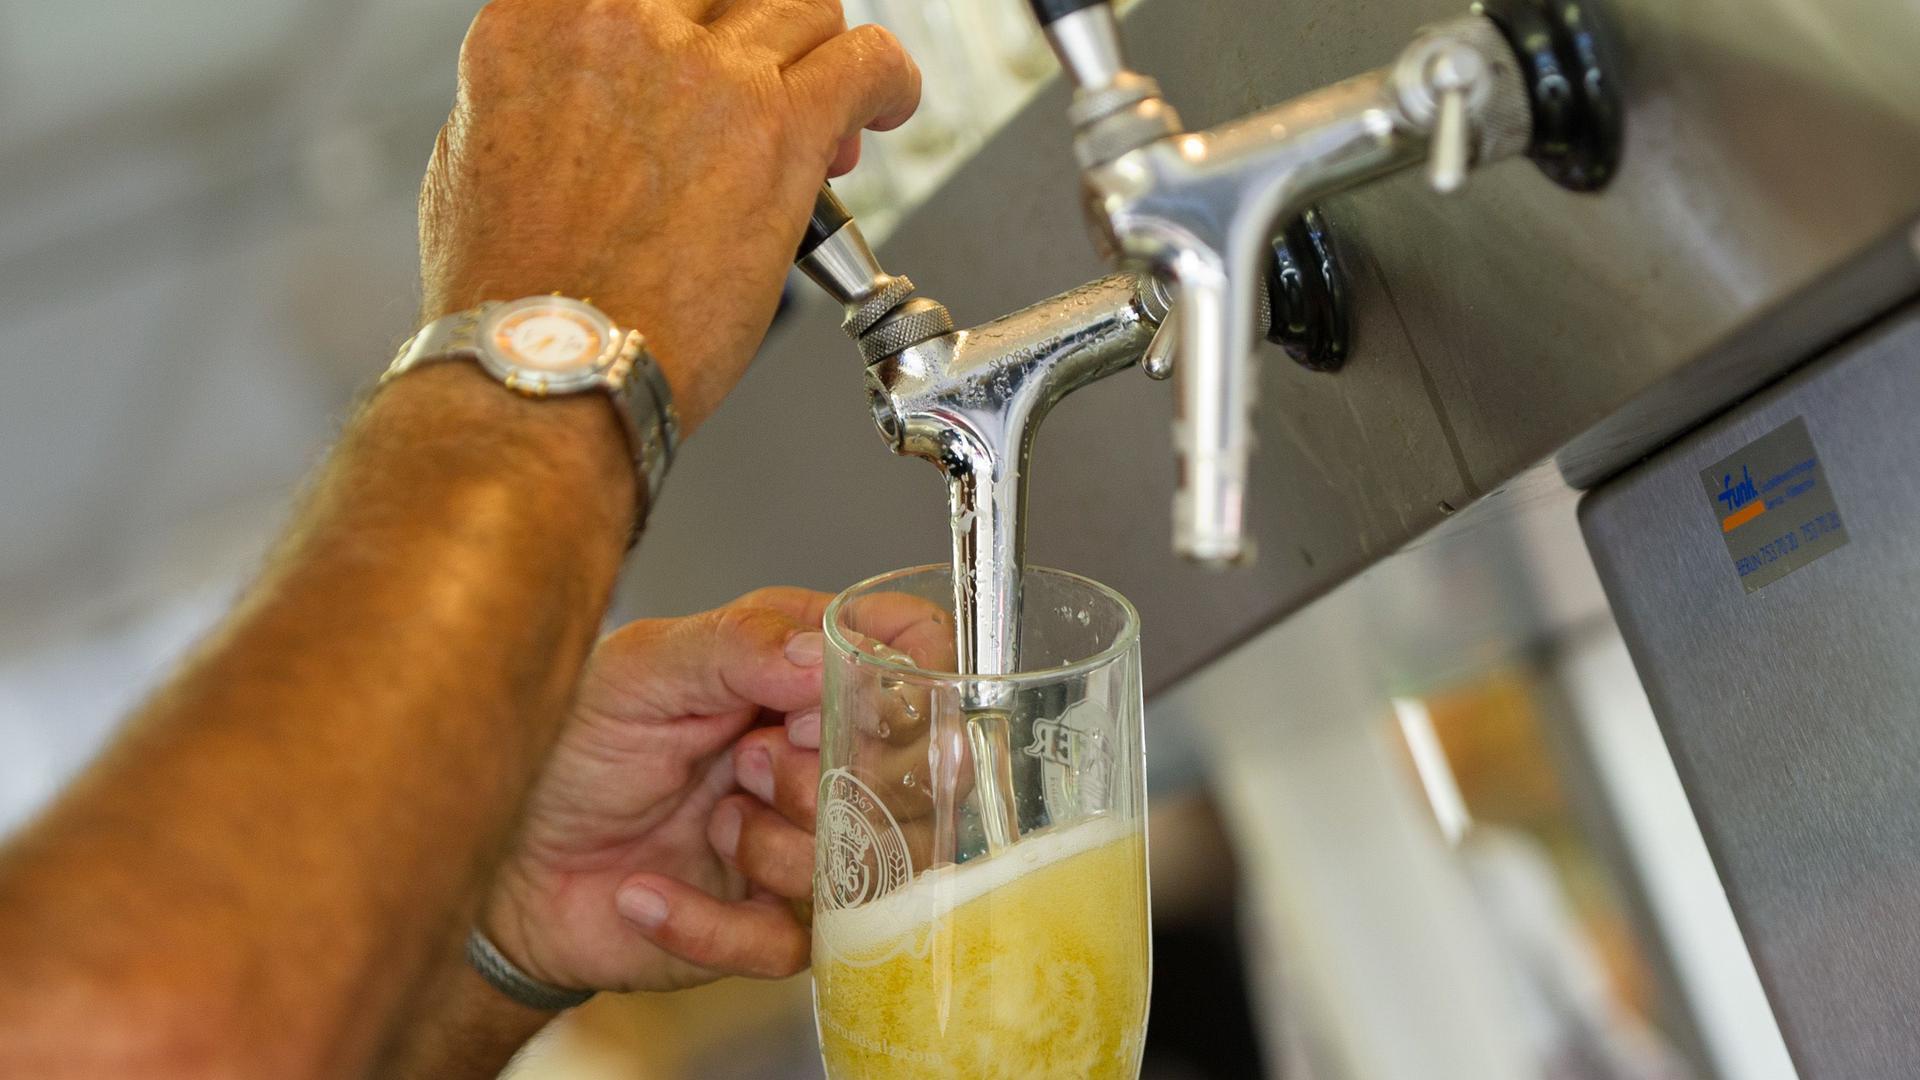 Ein Mann zapft ein Bier.